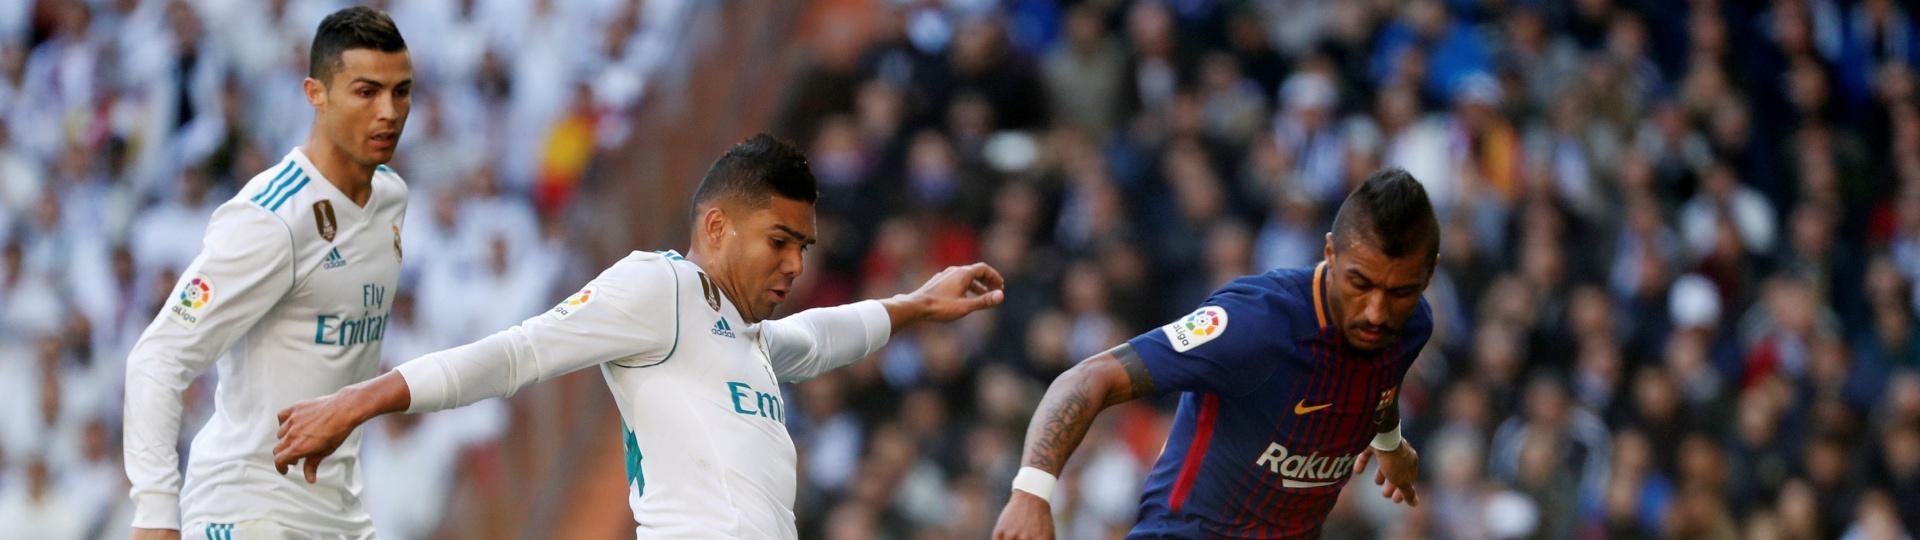 Casemiro e Paulinho disputam bola no clássico entre Real Madrid e Barcelona